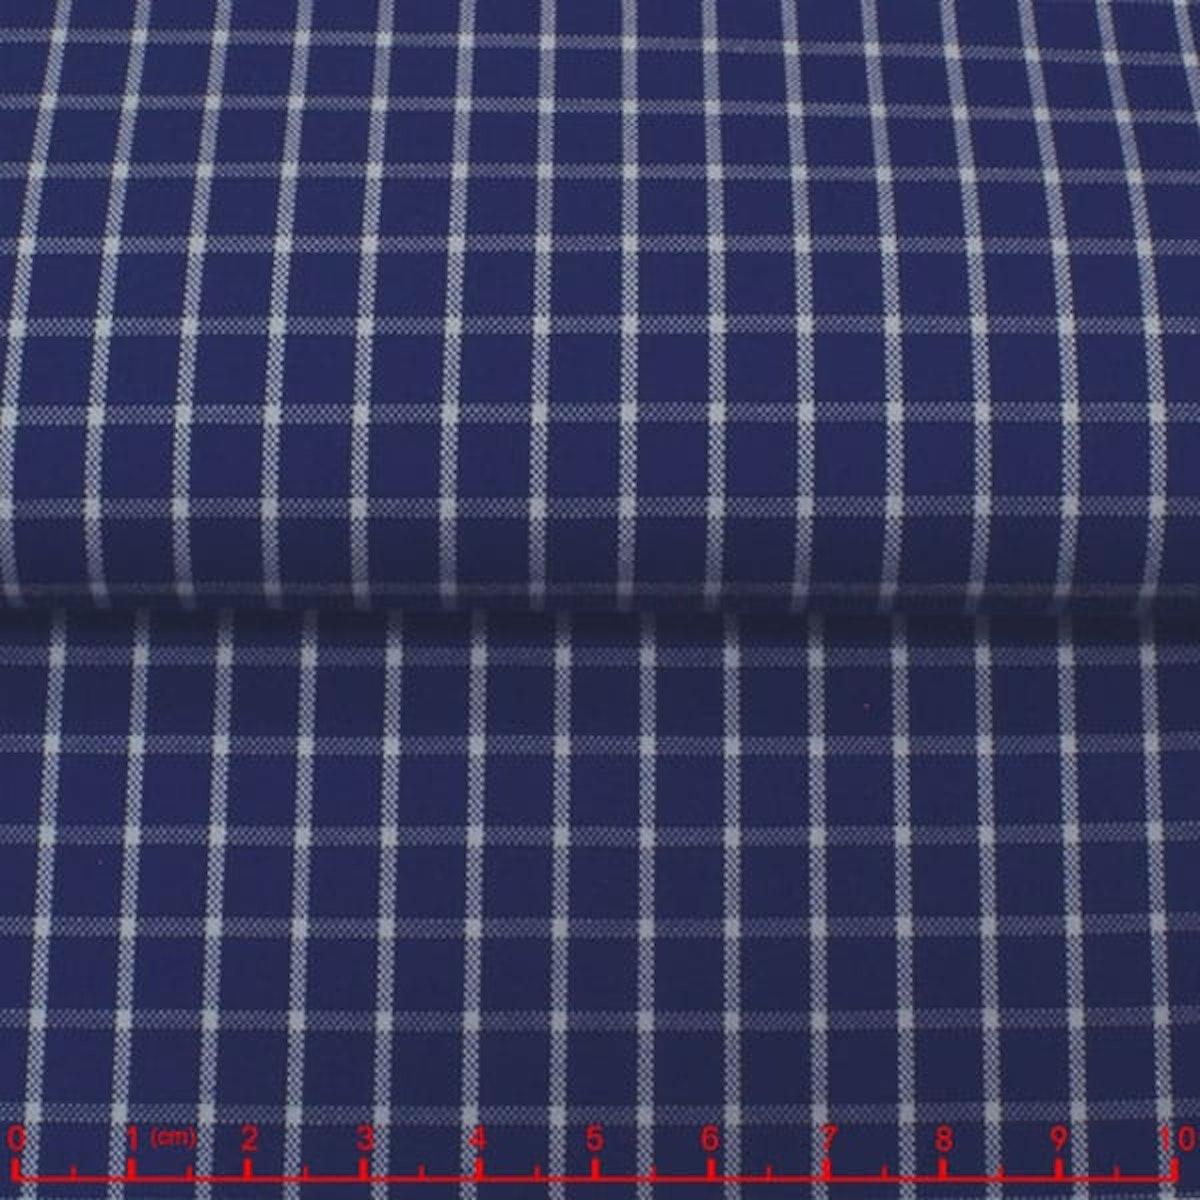 InStitchu Shirt Fabric 379